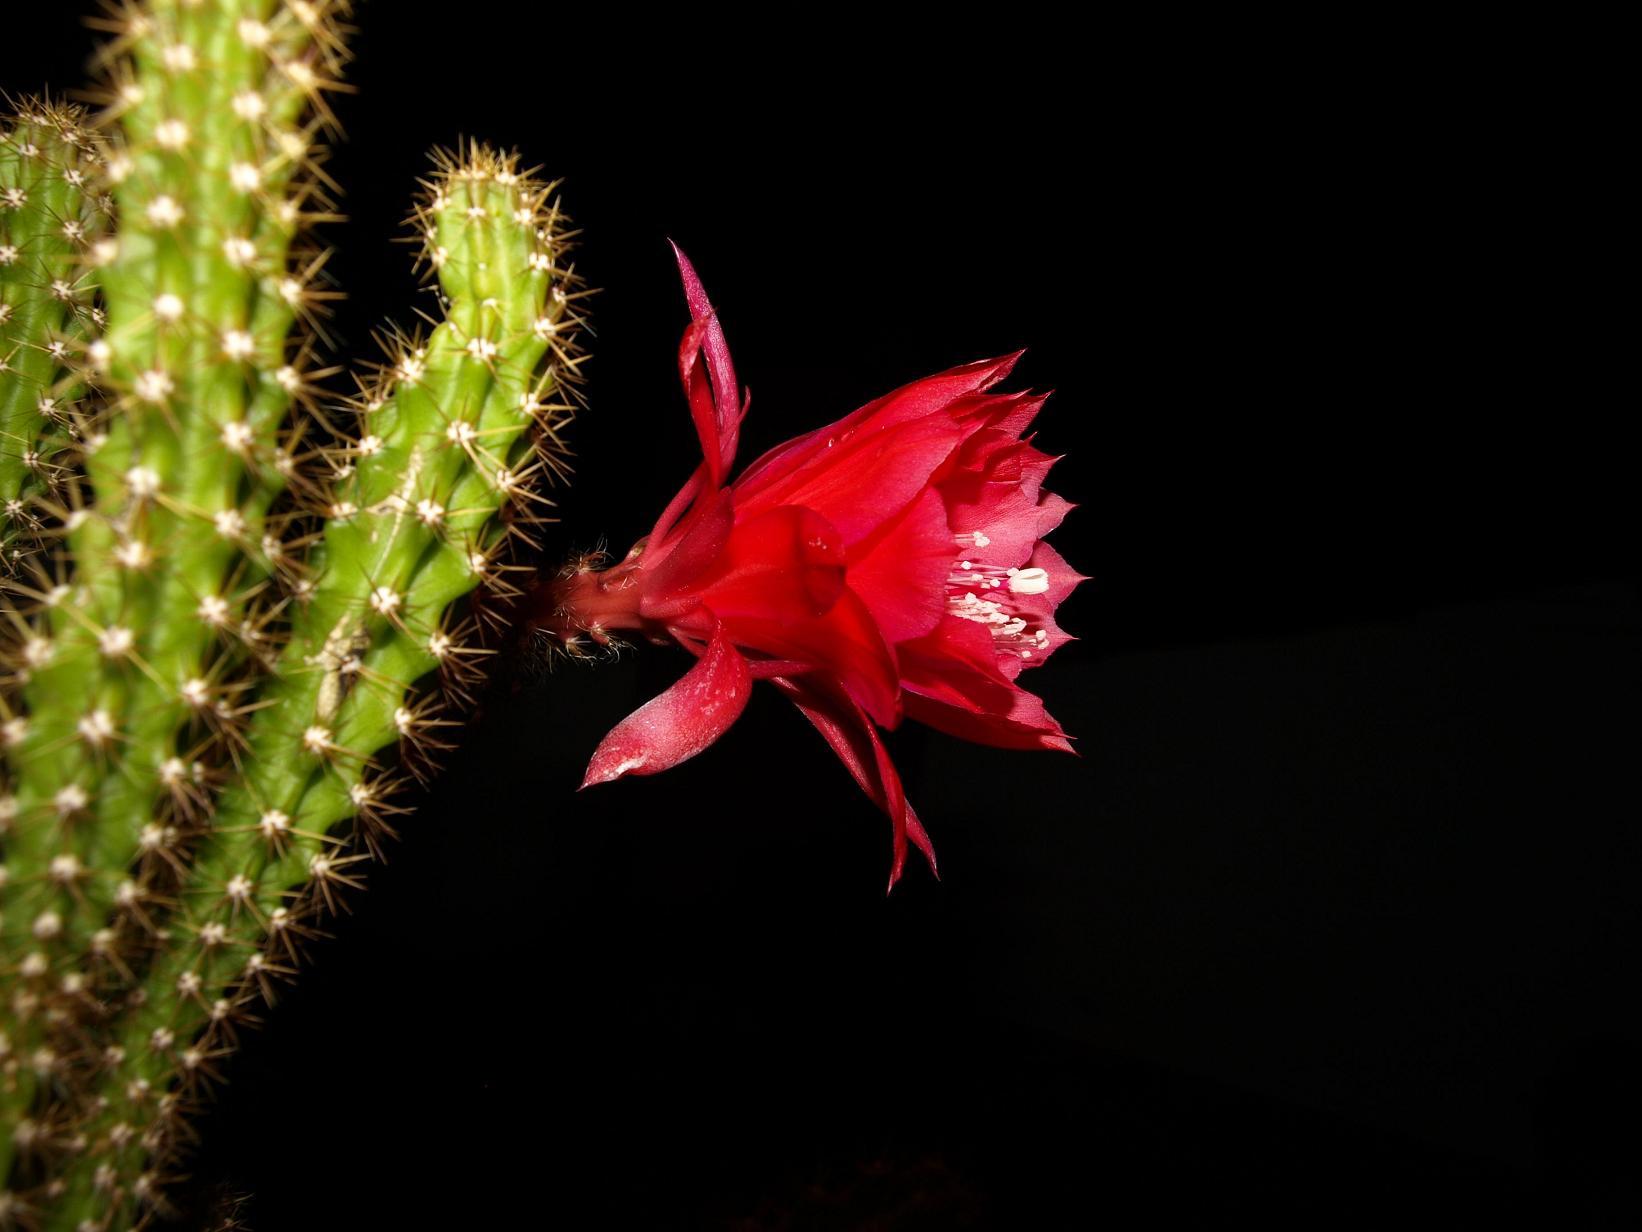 Fotos de cactus raros - Cactus raros fotos ...